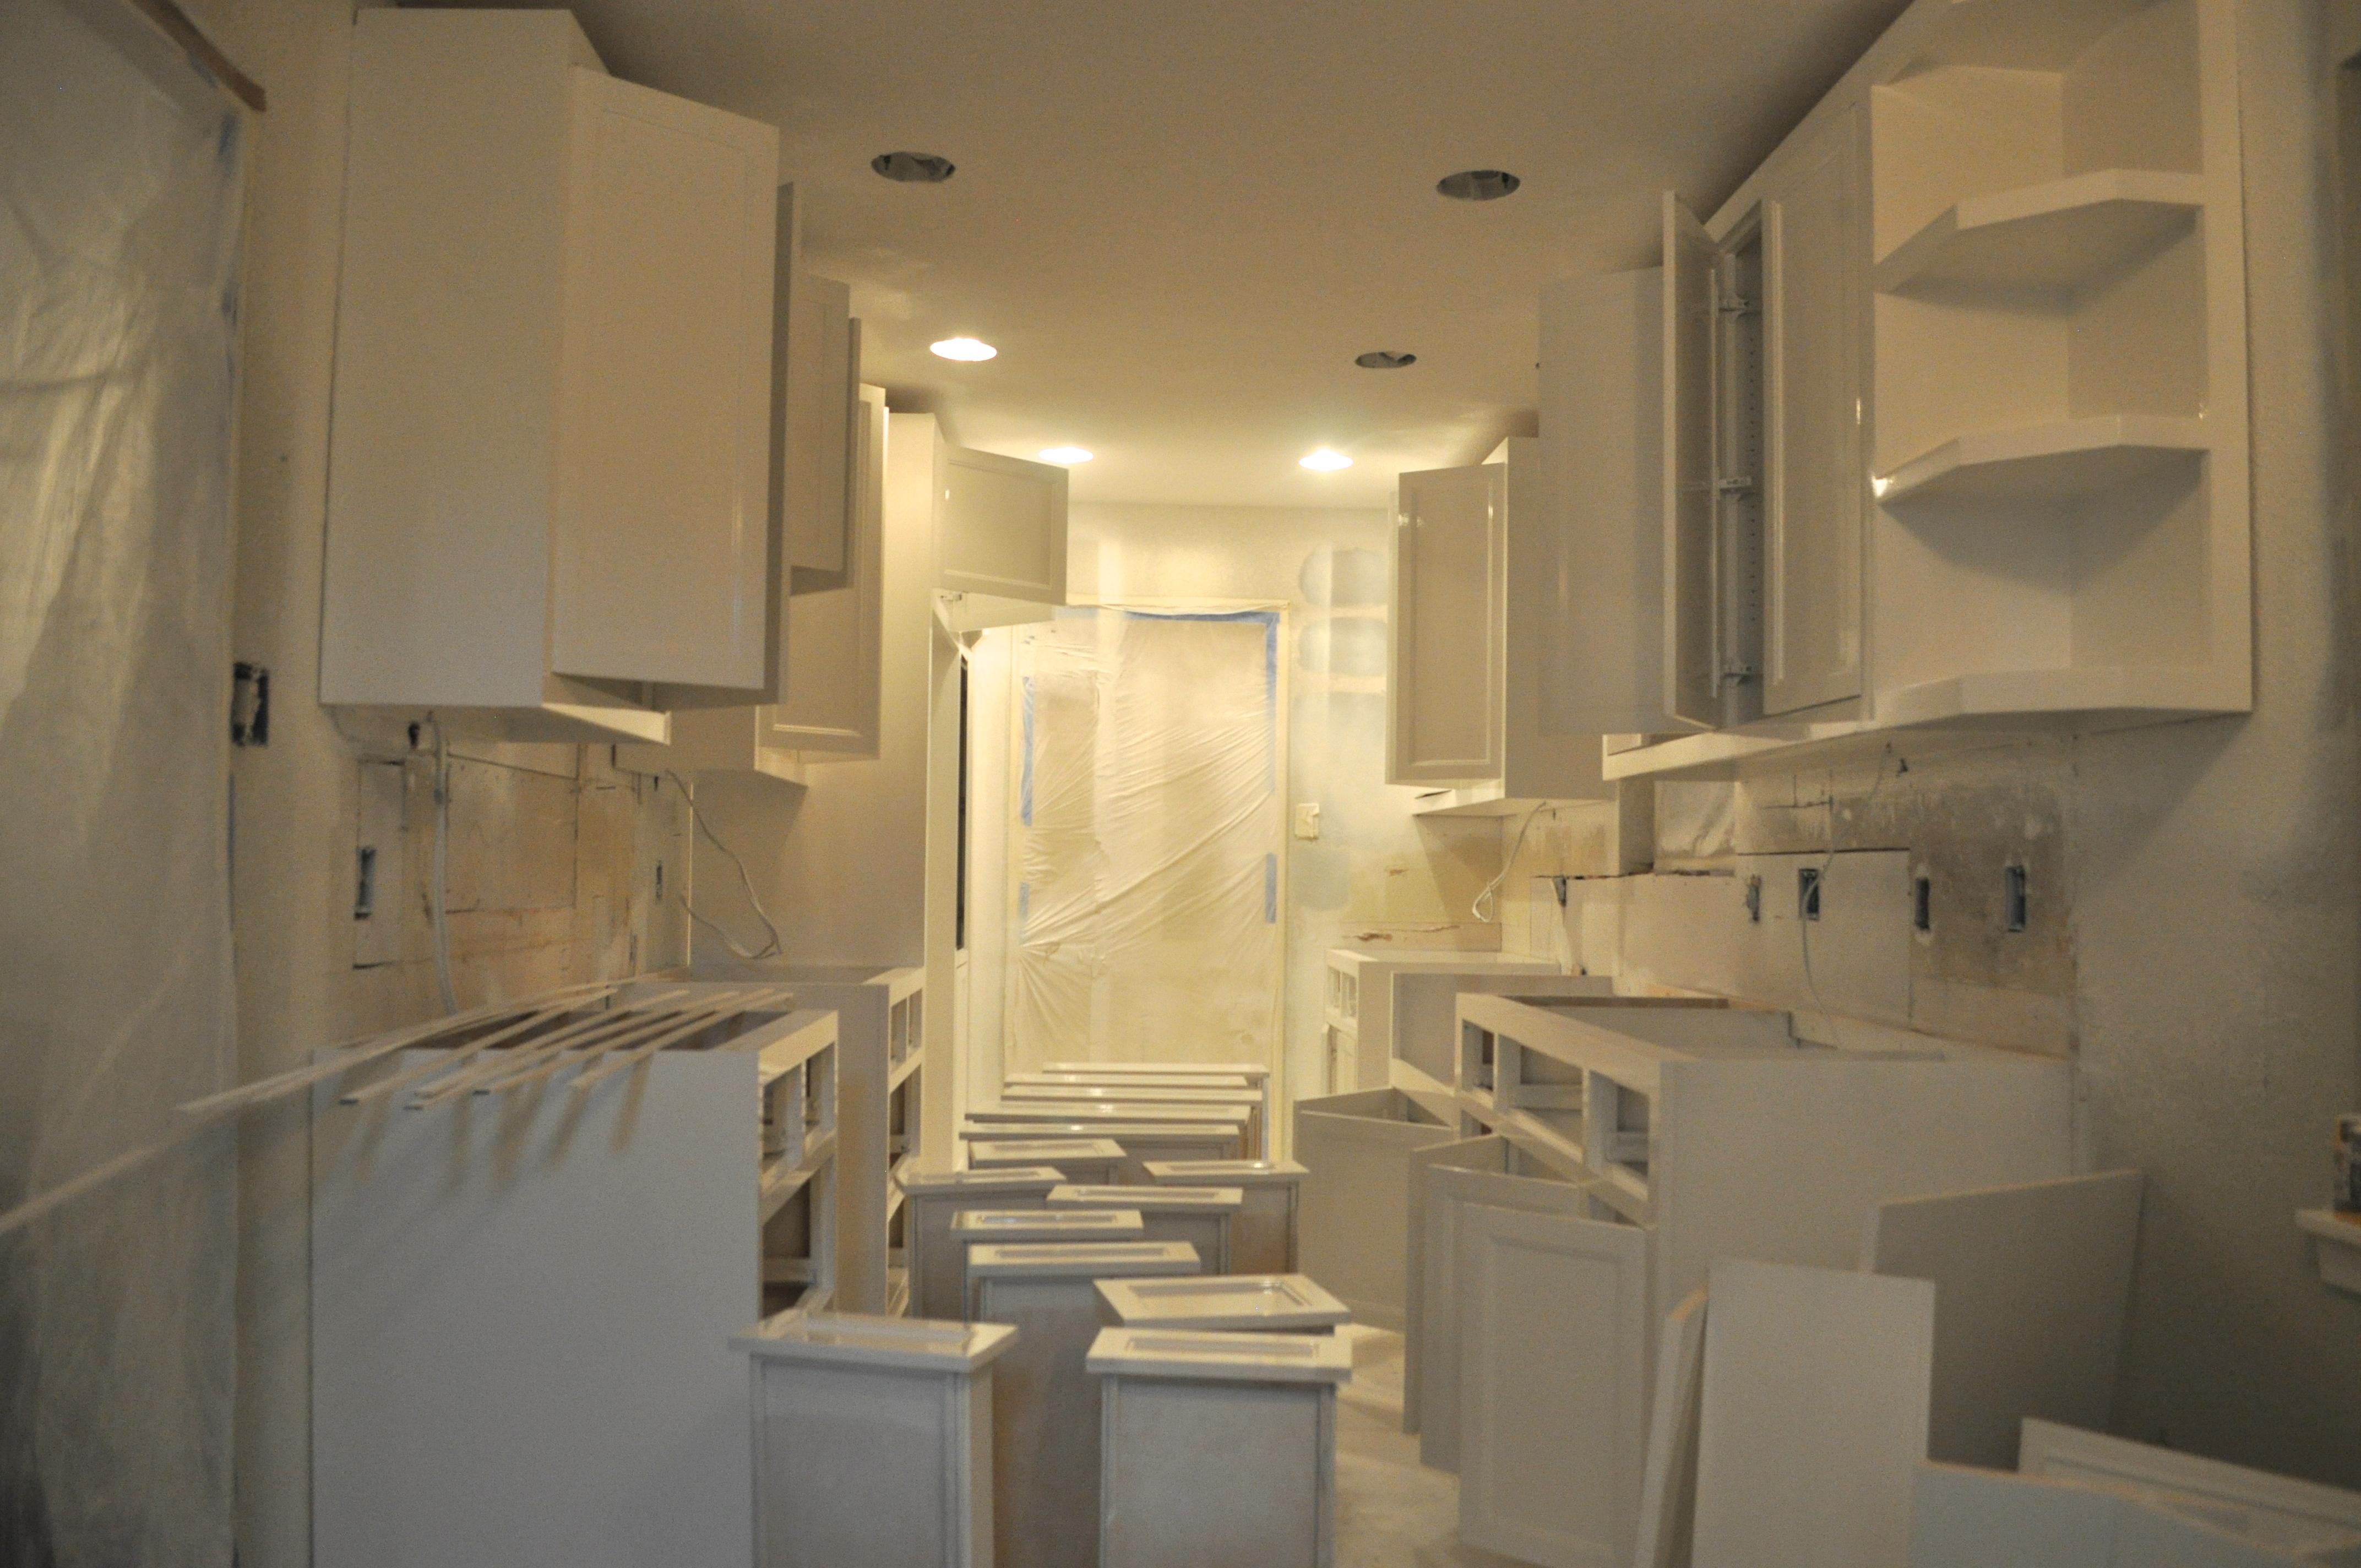 kitchen progress III: paint colors | spaghetti on bath night